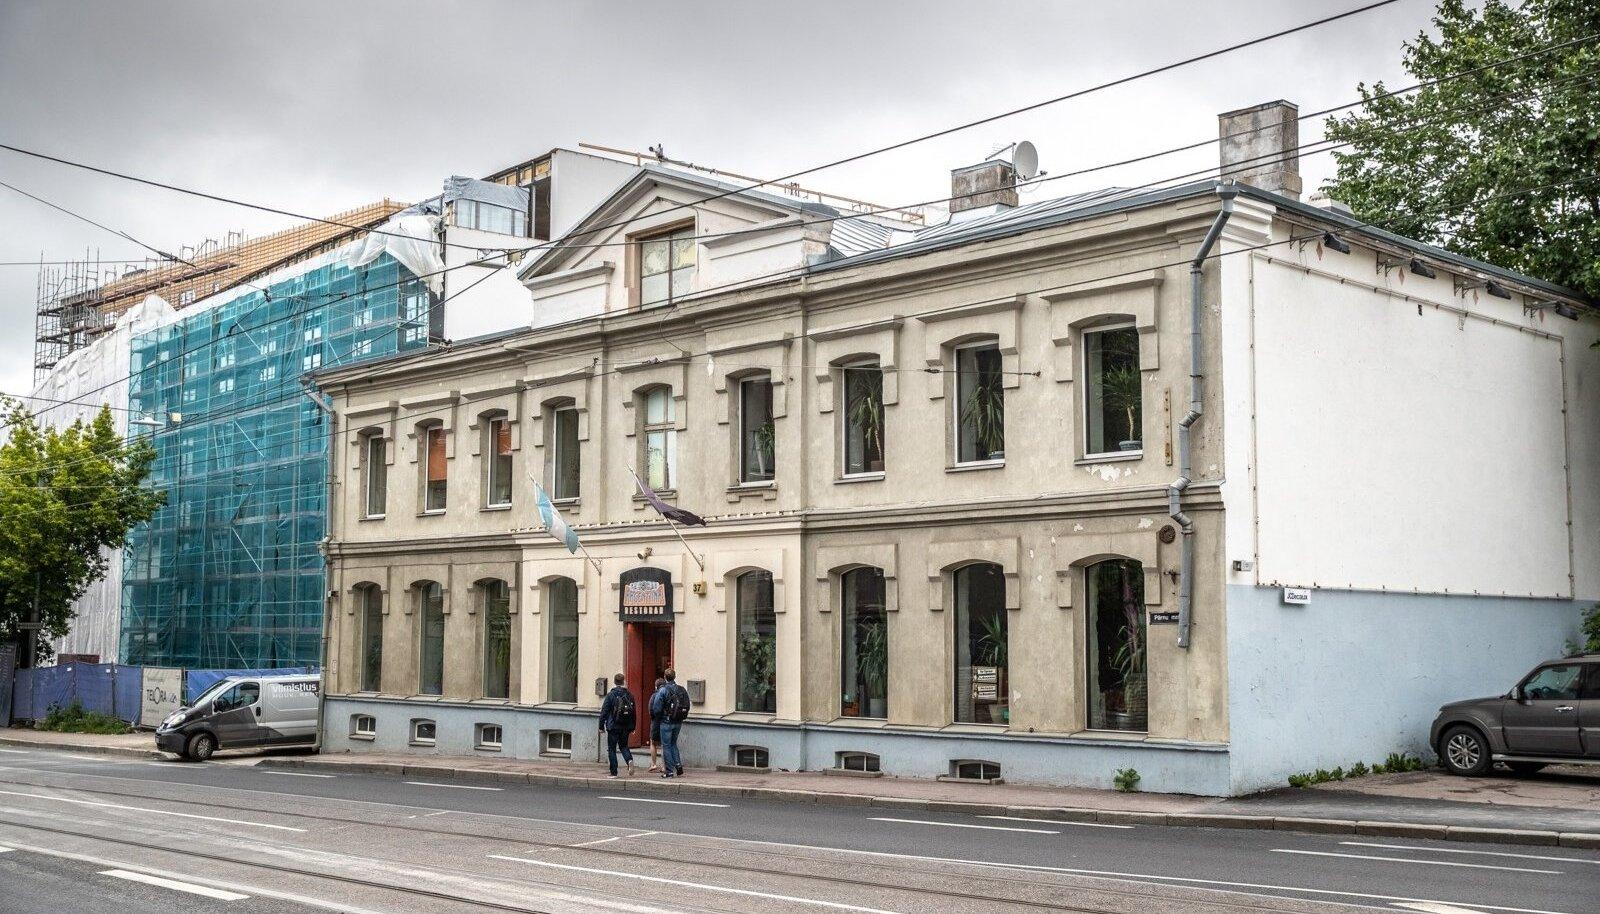 Argentiina restoran Pärnu mnt 37.